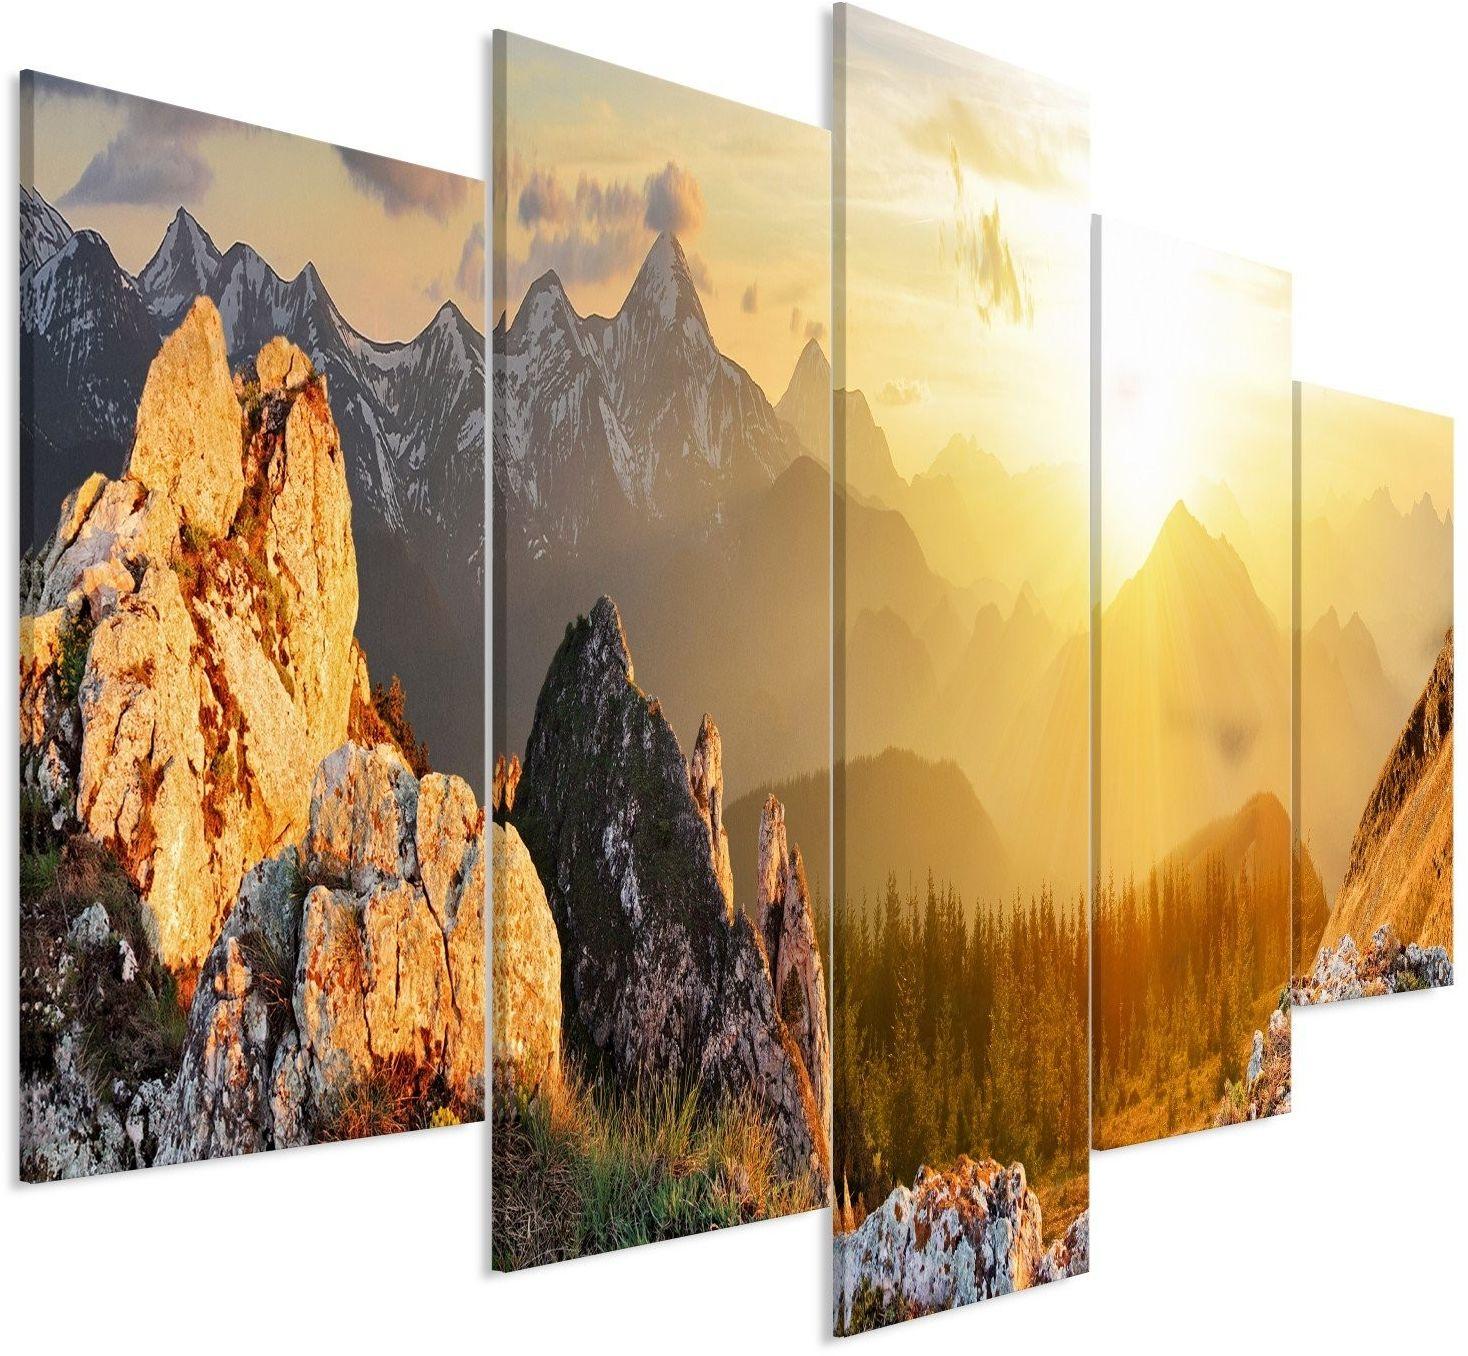 Obraz - powitanie słońca (5-częściowy) szeroki